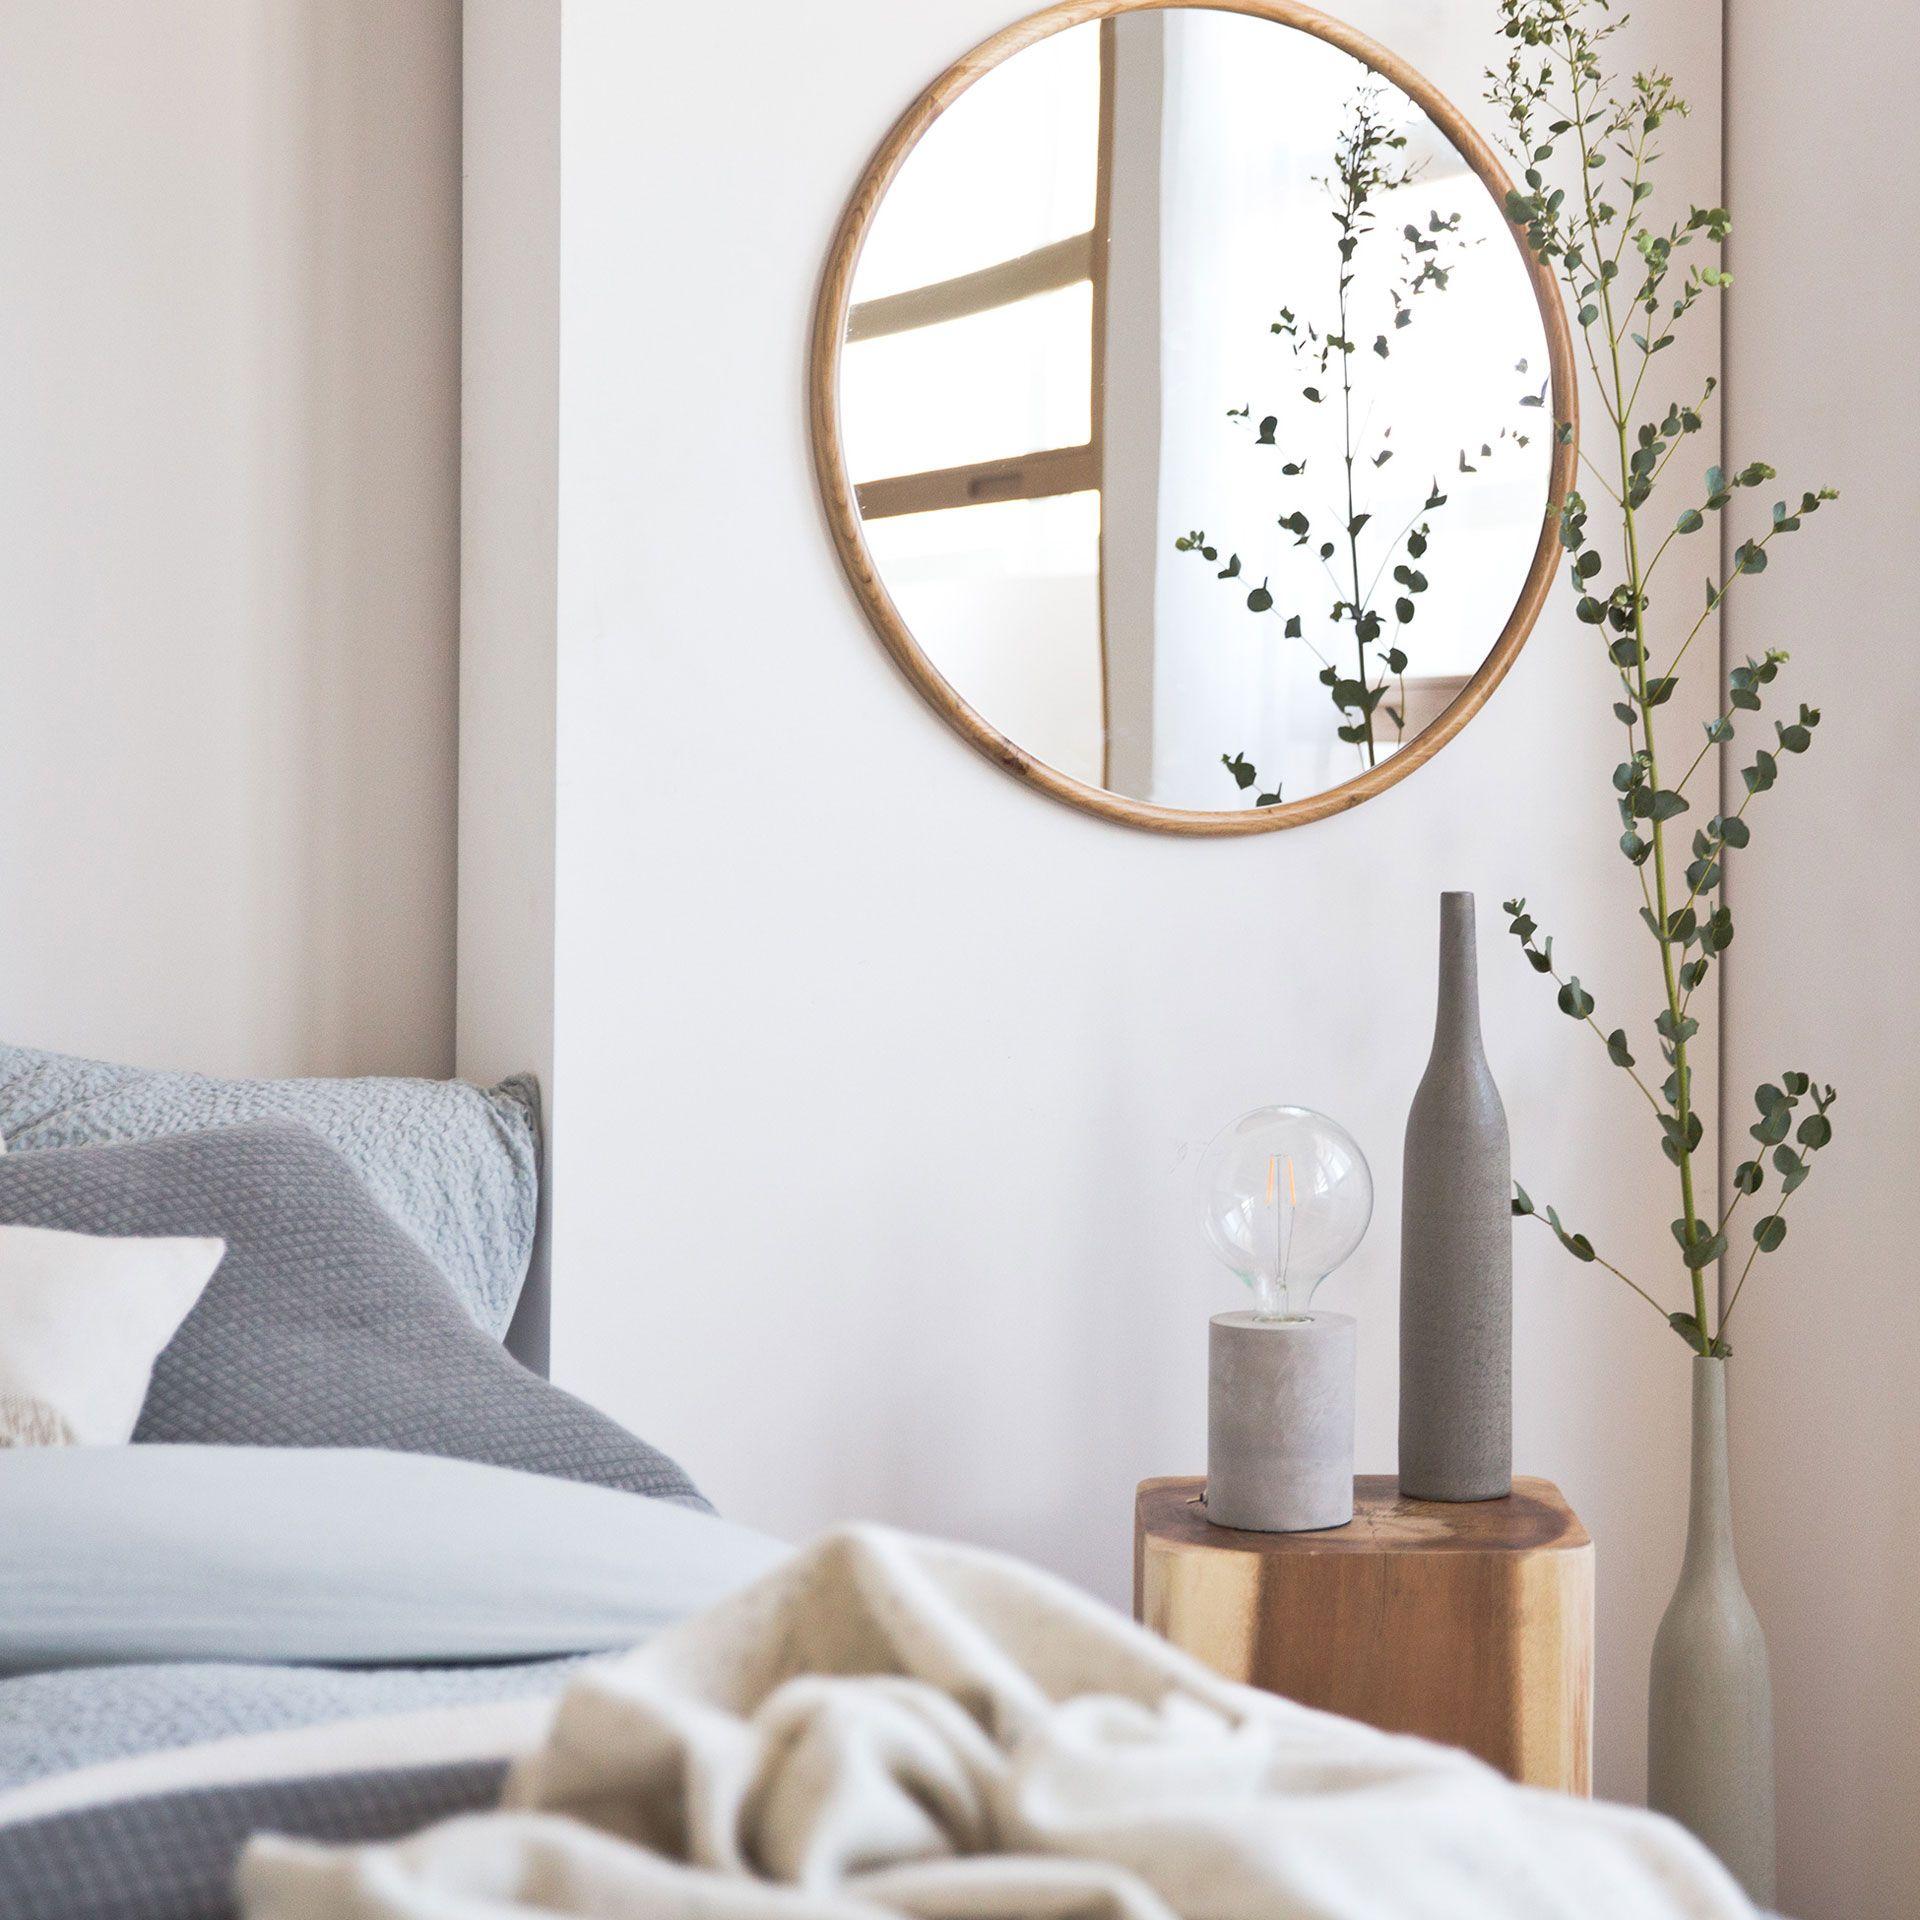 afbeelding 7 van het product naturel houten ronde spiegel interior pinterest zara spiegel. Black Bedroom Furniture Sets. Home Design Ideas